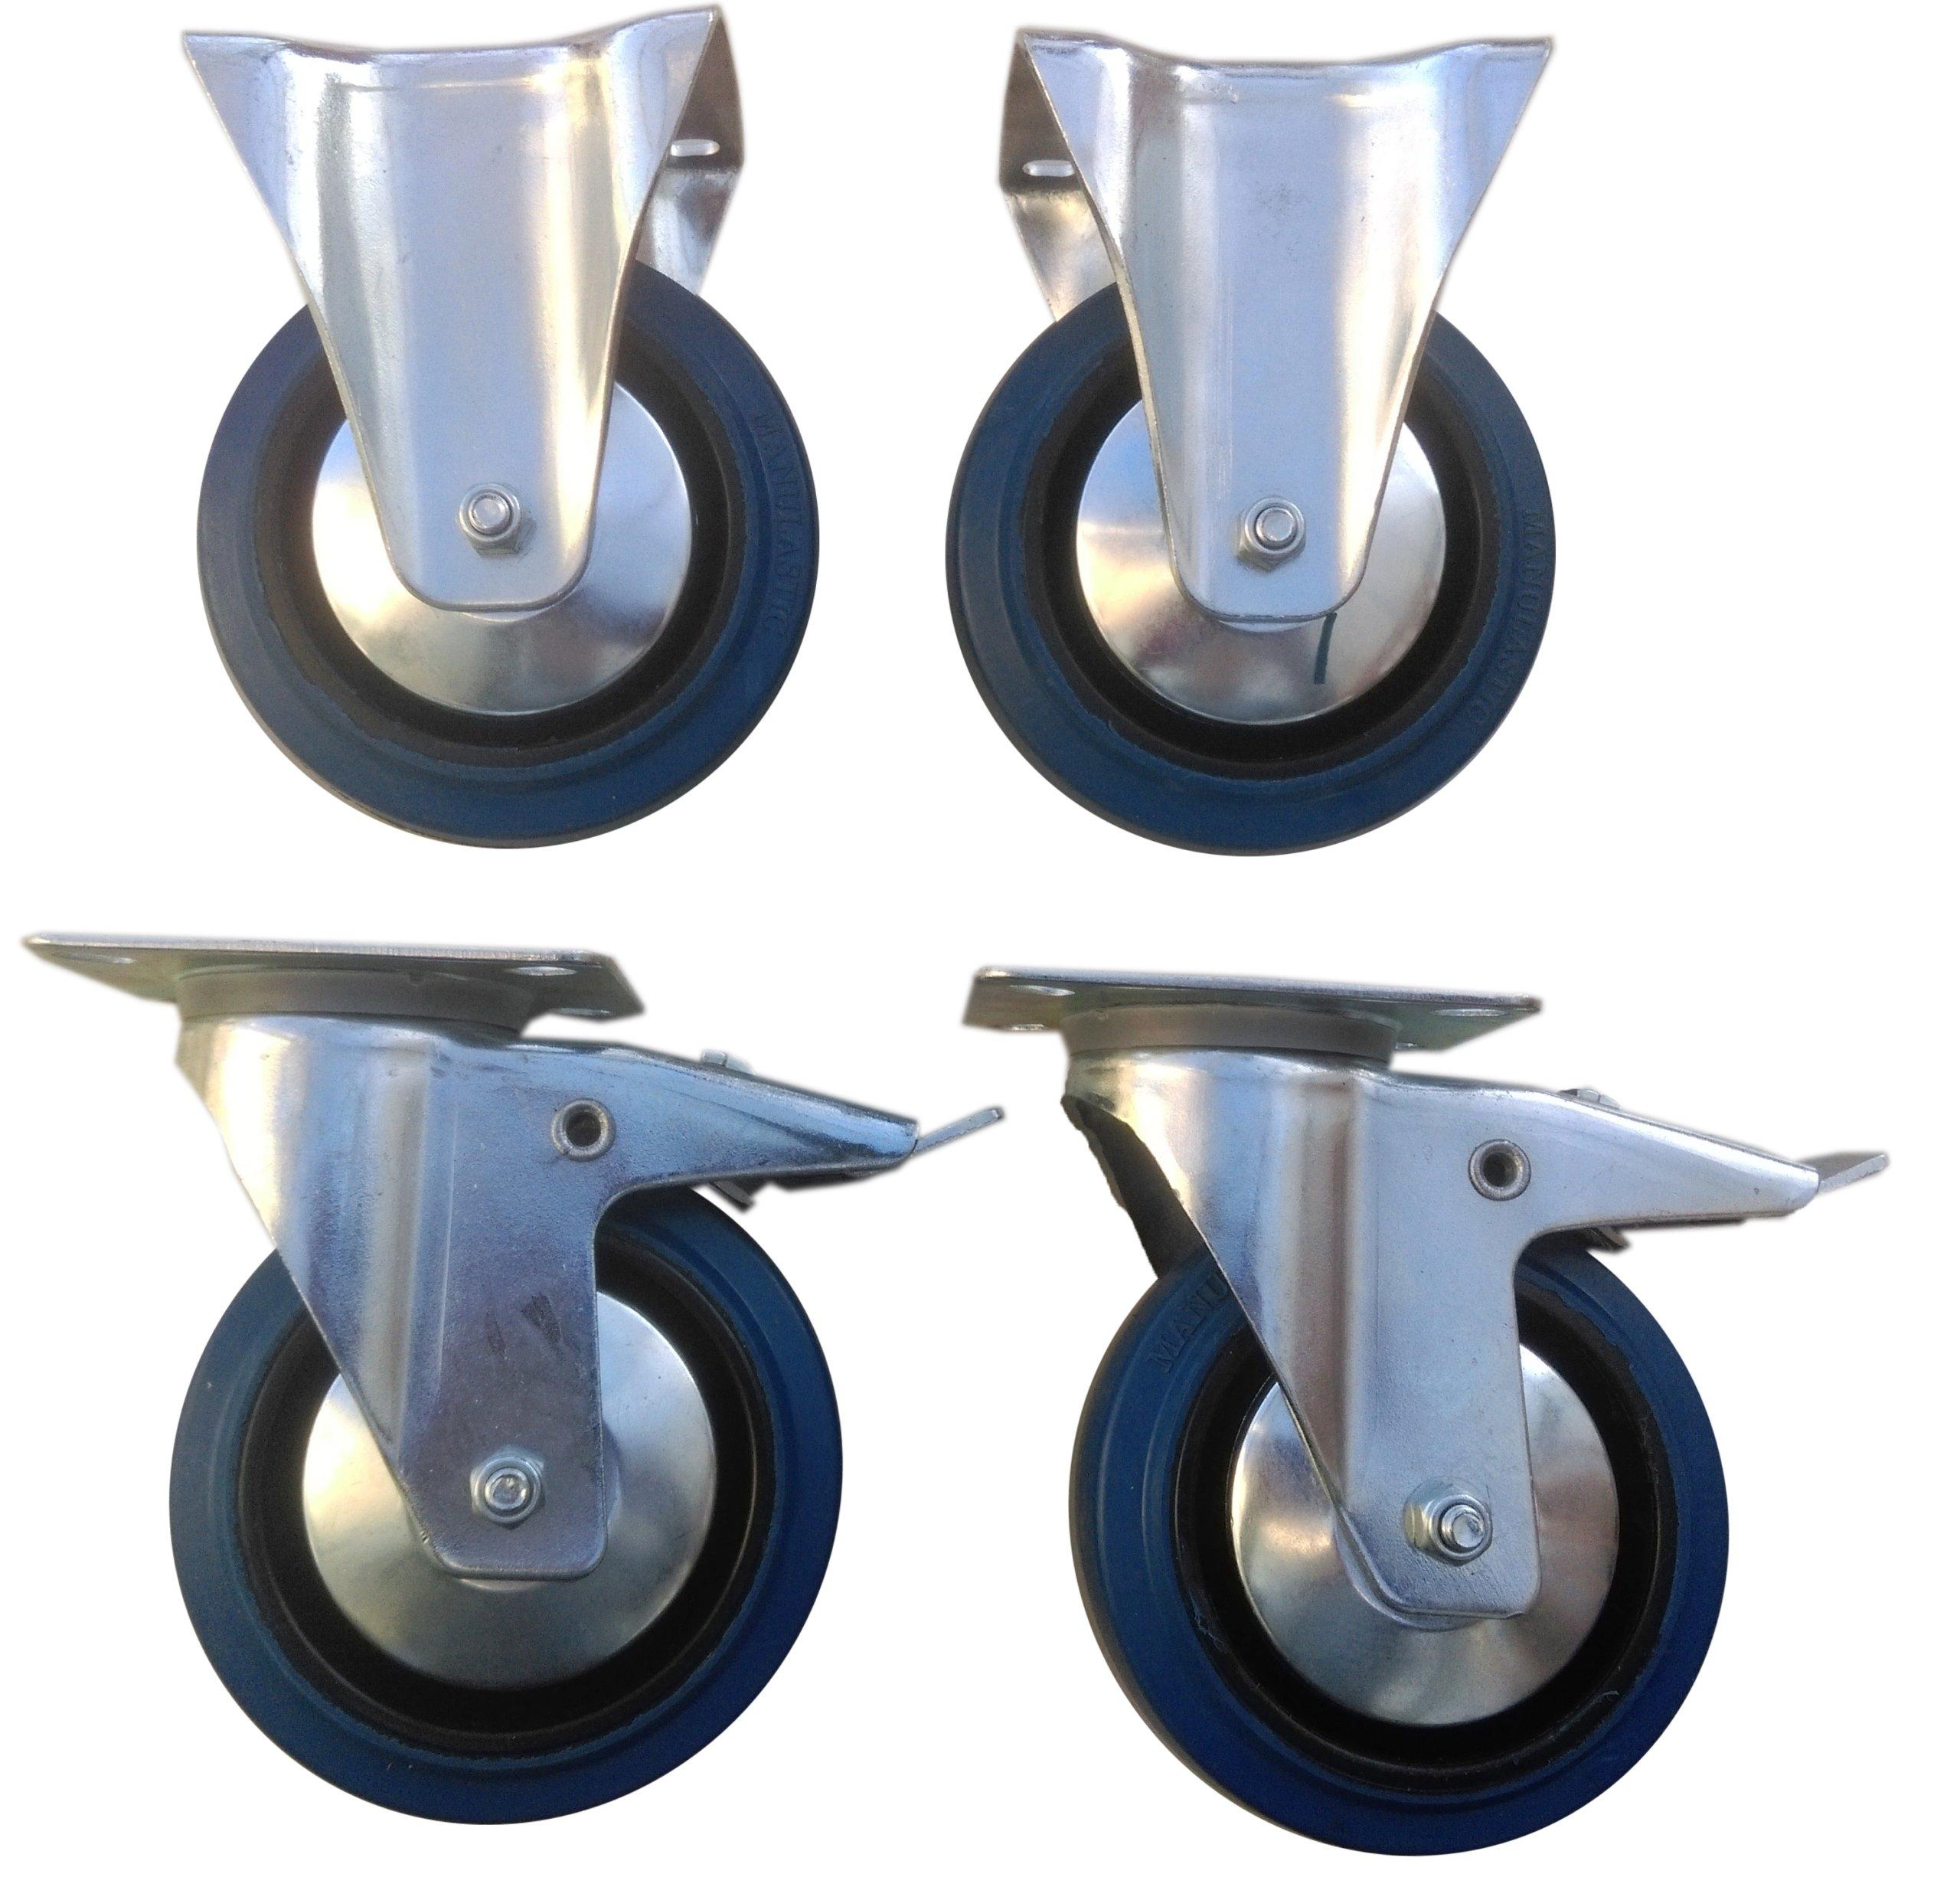 Комплект колес fi 125 мм 4 шт. плитка, 500 КГ КОЛЕСА